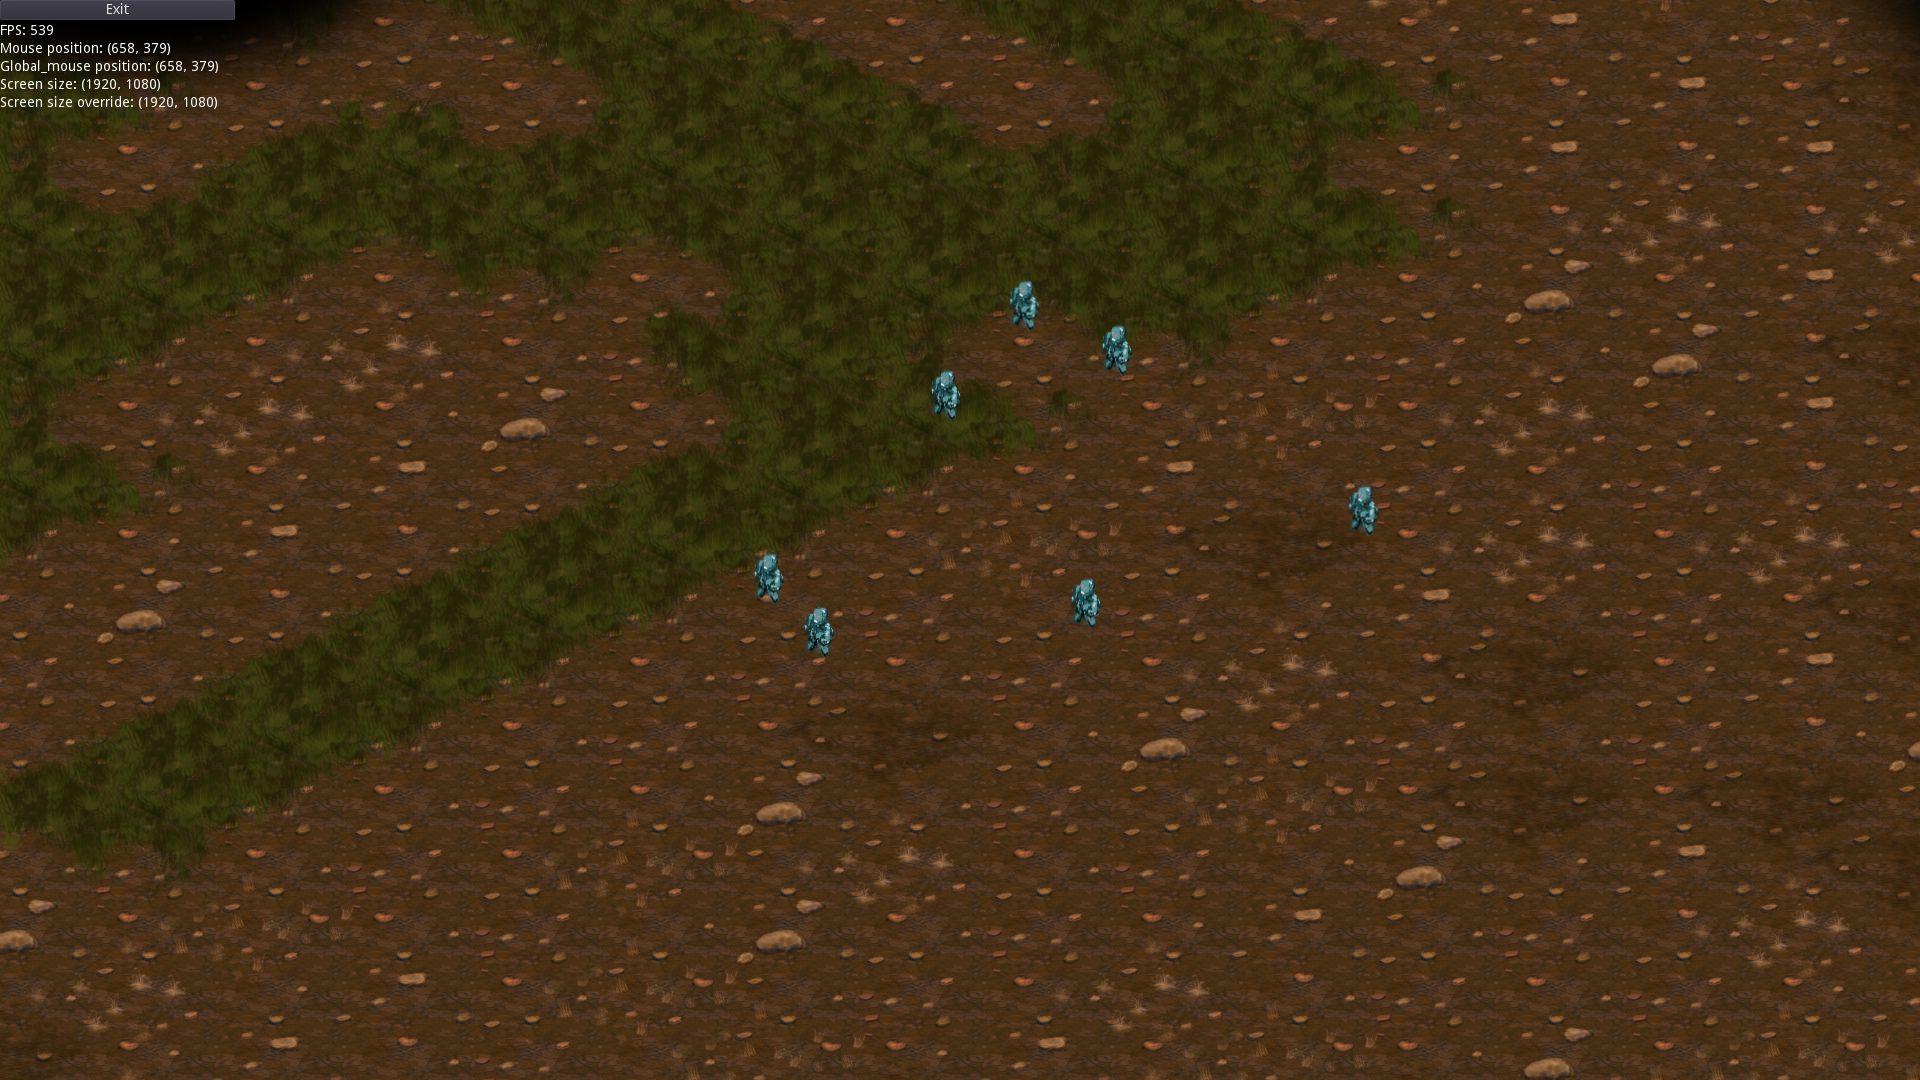 тип карты: темные земли, земля и трава | Экспериментальная sci-fi RTS (переименовано)